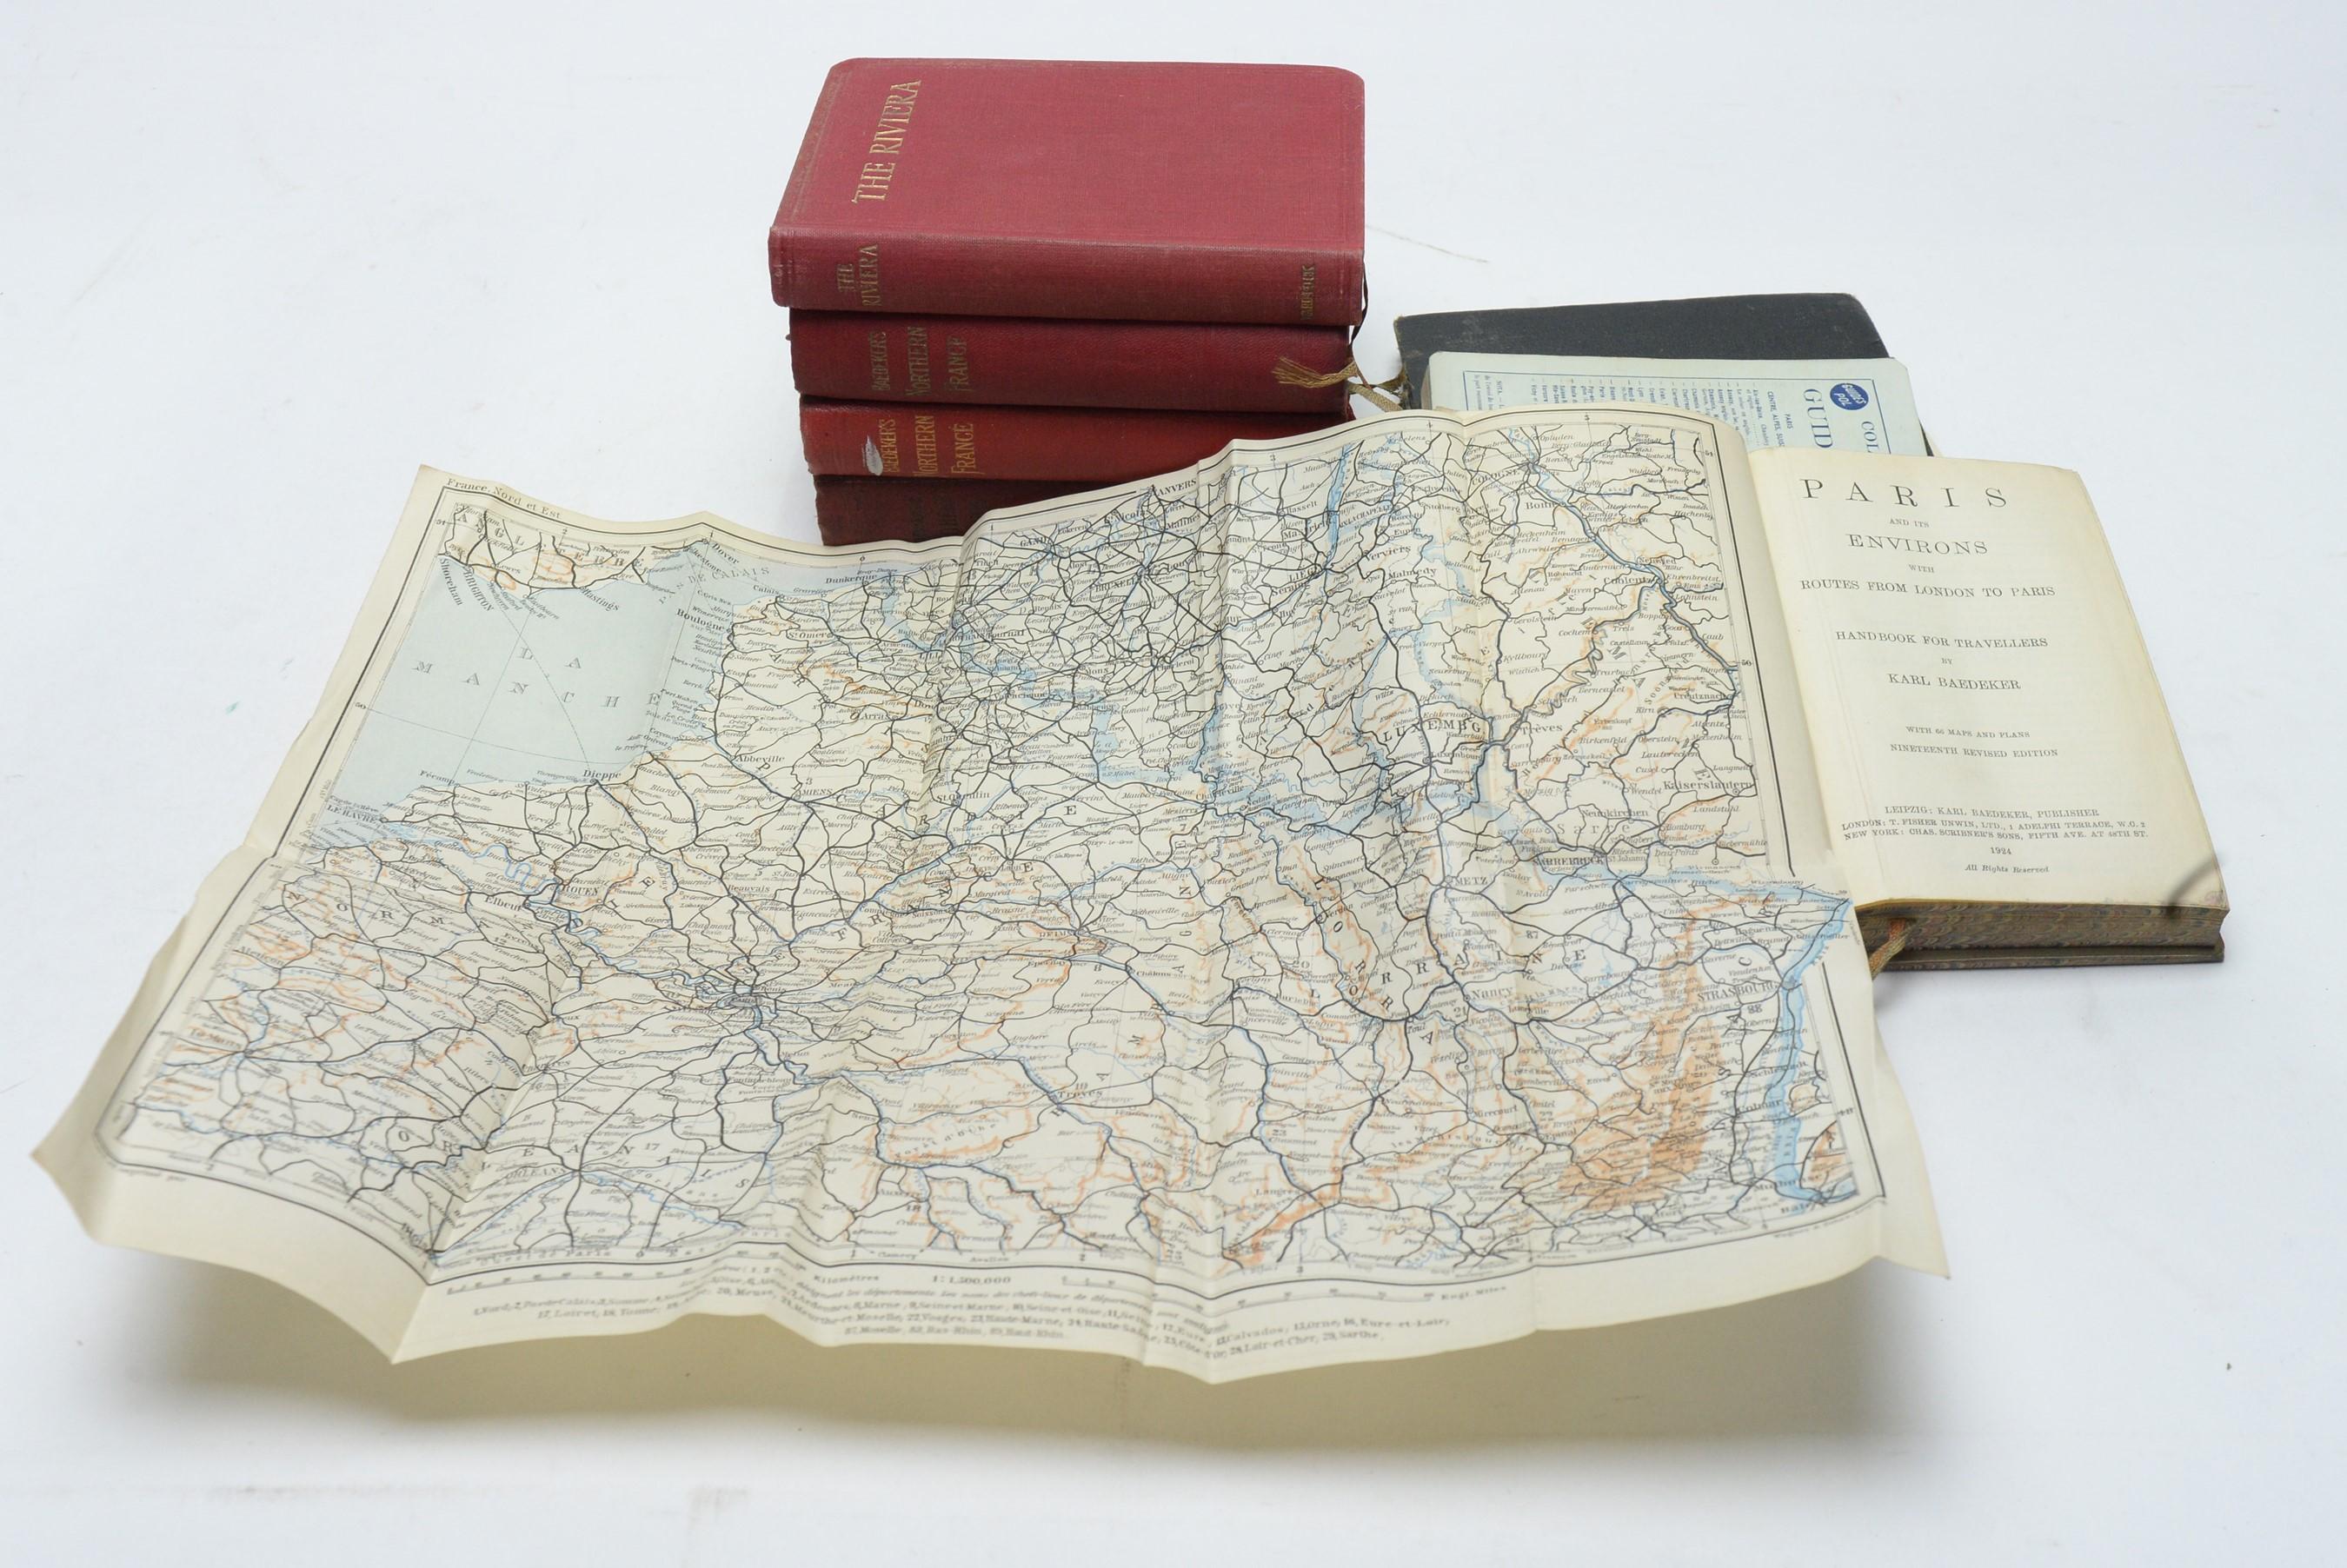 Baddeker (Karl) Travel Guides.